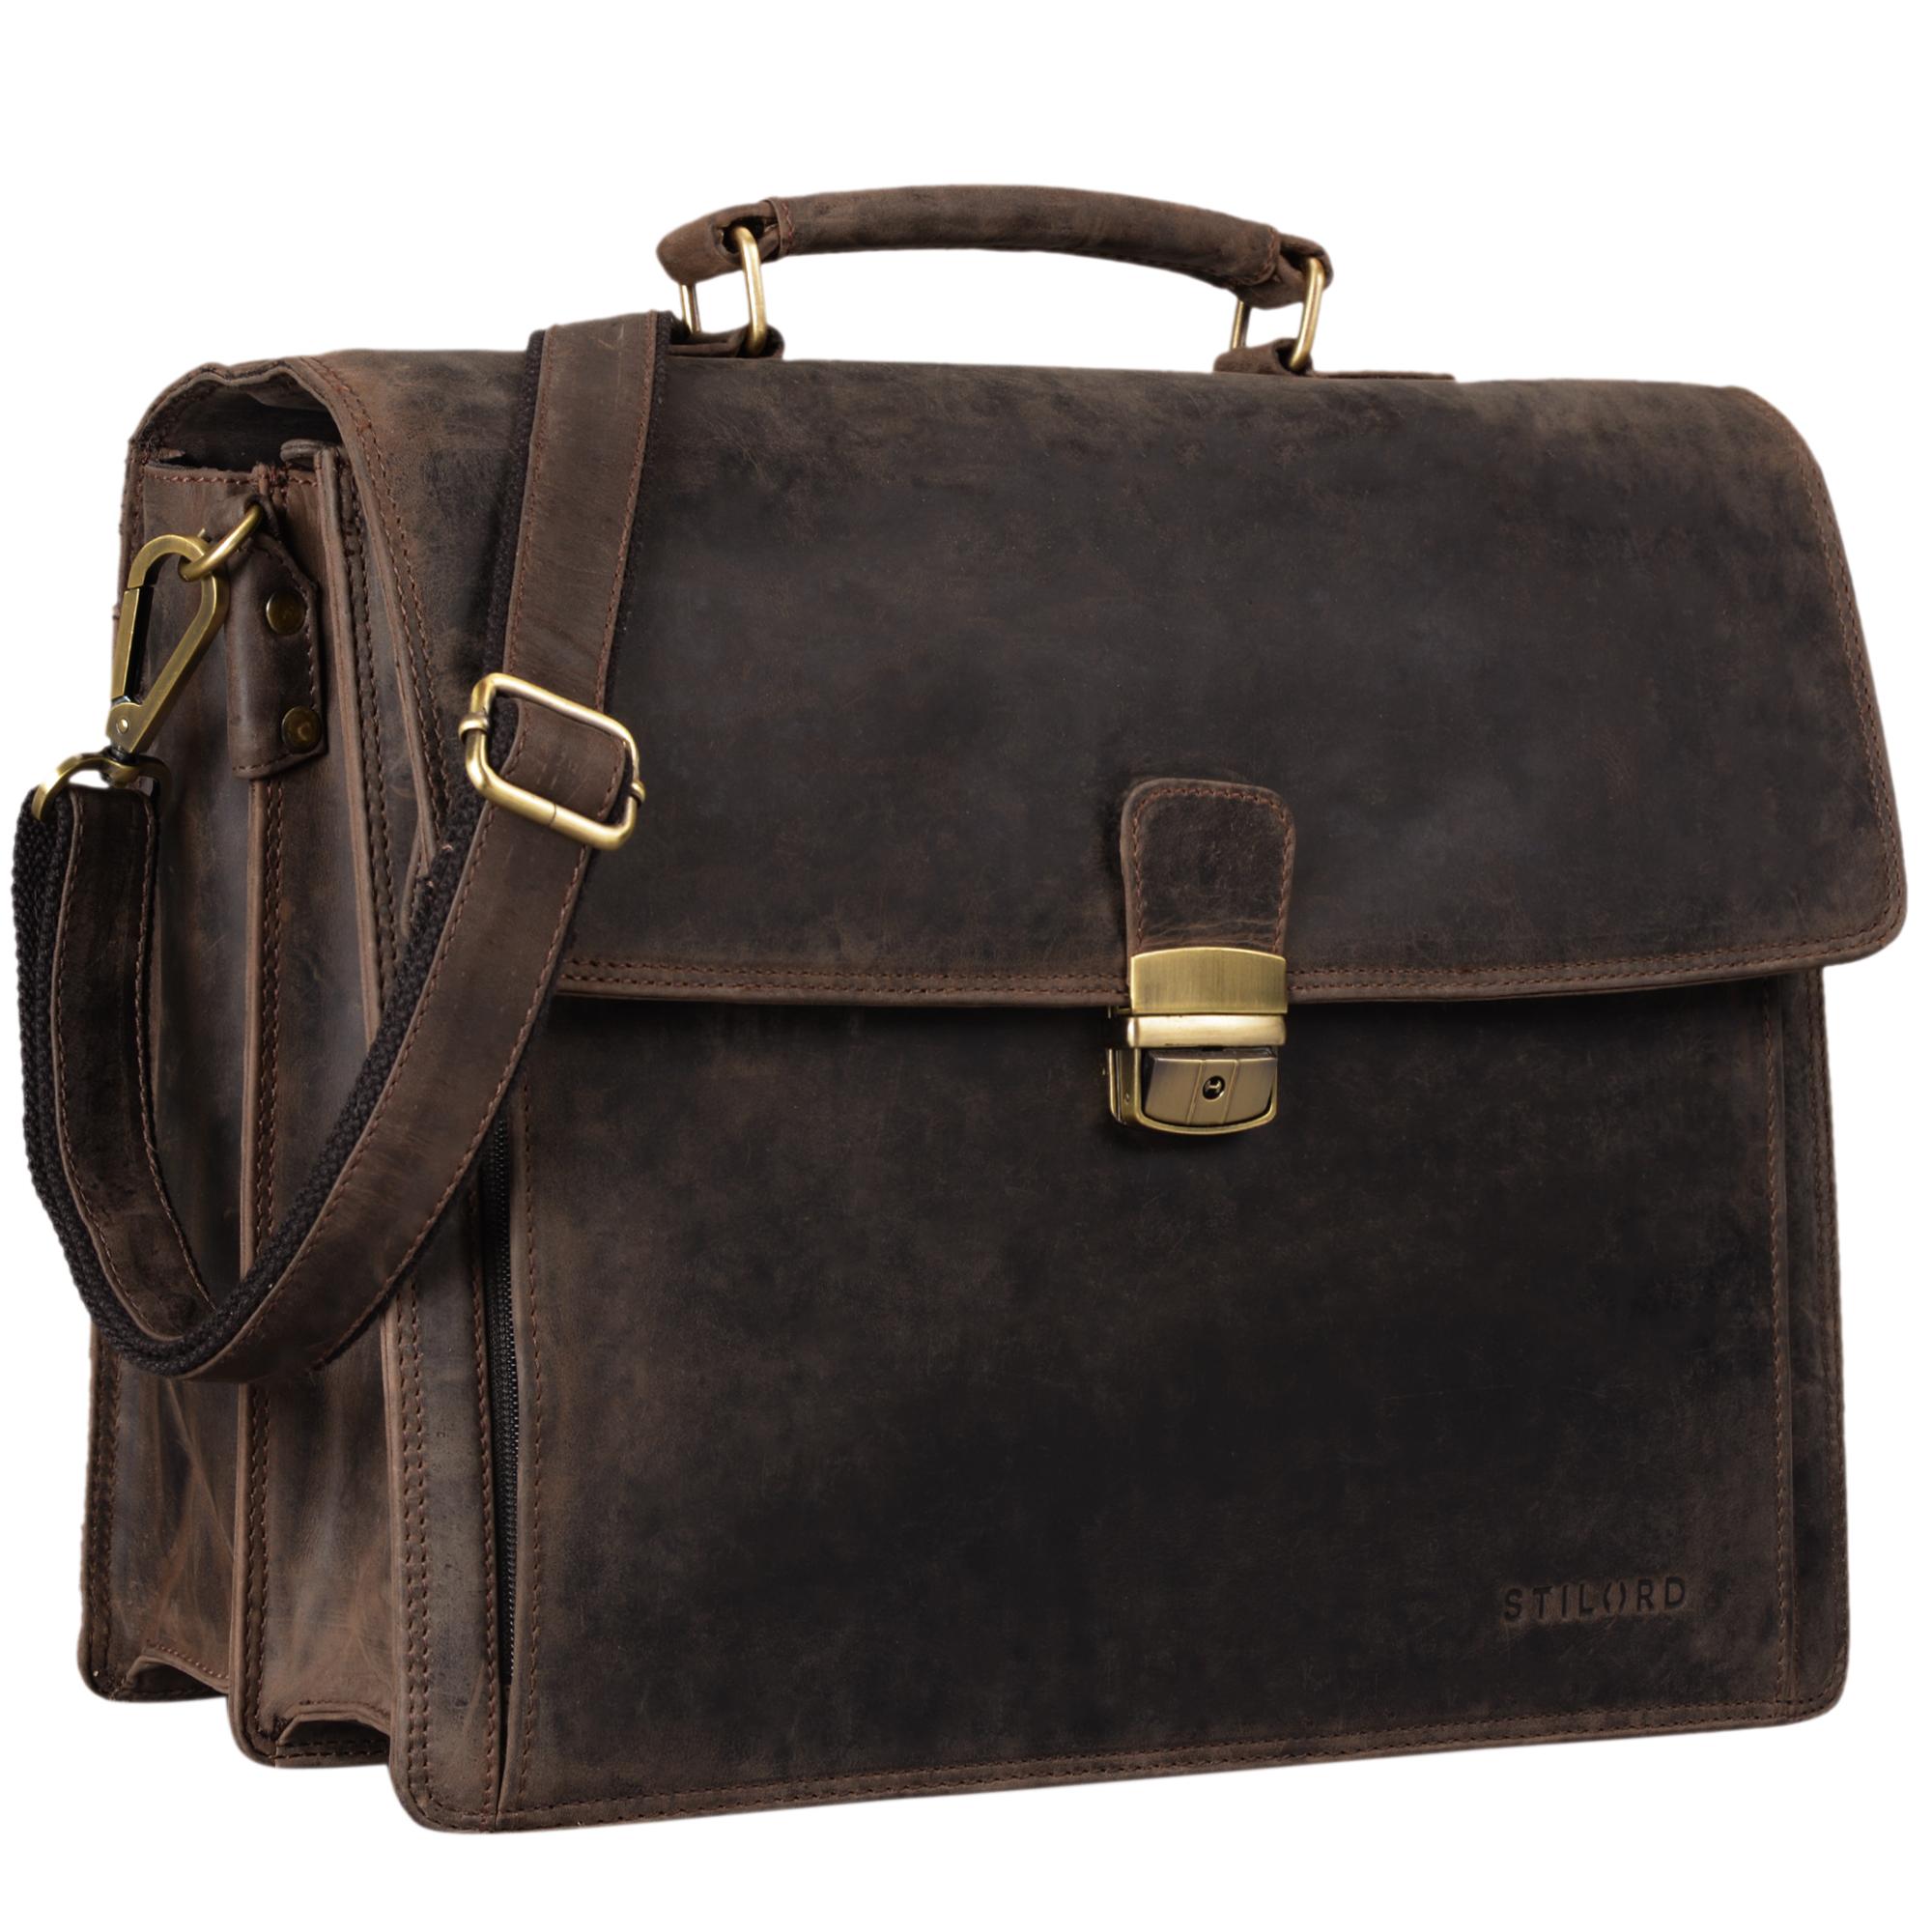 """STILORD """"Noel"""" Aktentasche Leder Herren Vintage groß klassische Arbeitstasche Bürotasche Umhängetasche Dokumententasche mit Laptopfach 13,3 Zoll und Trolleyschlaufe - Bild 11"""